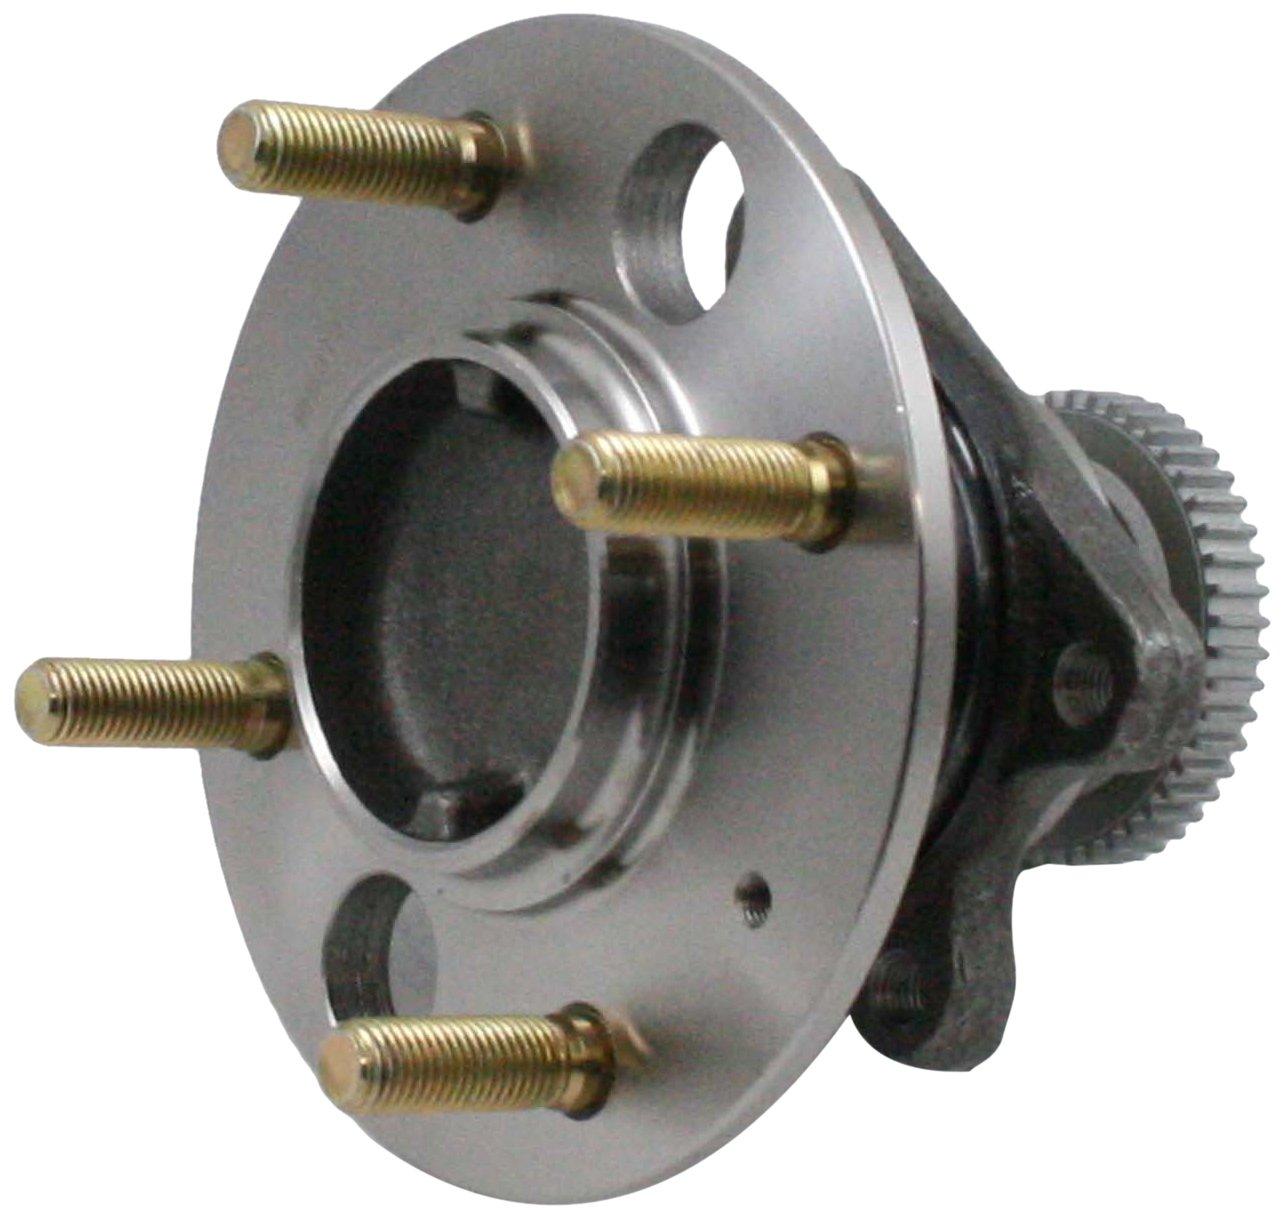 DuraGo 29512190 Rear Hub Assembly